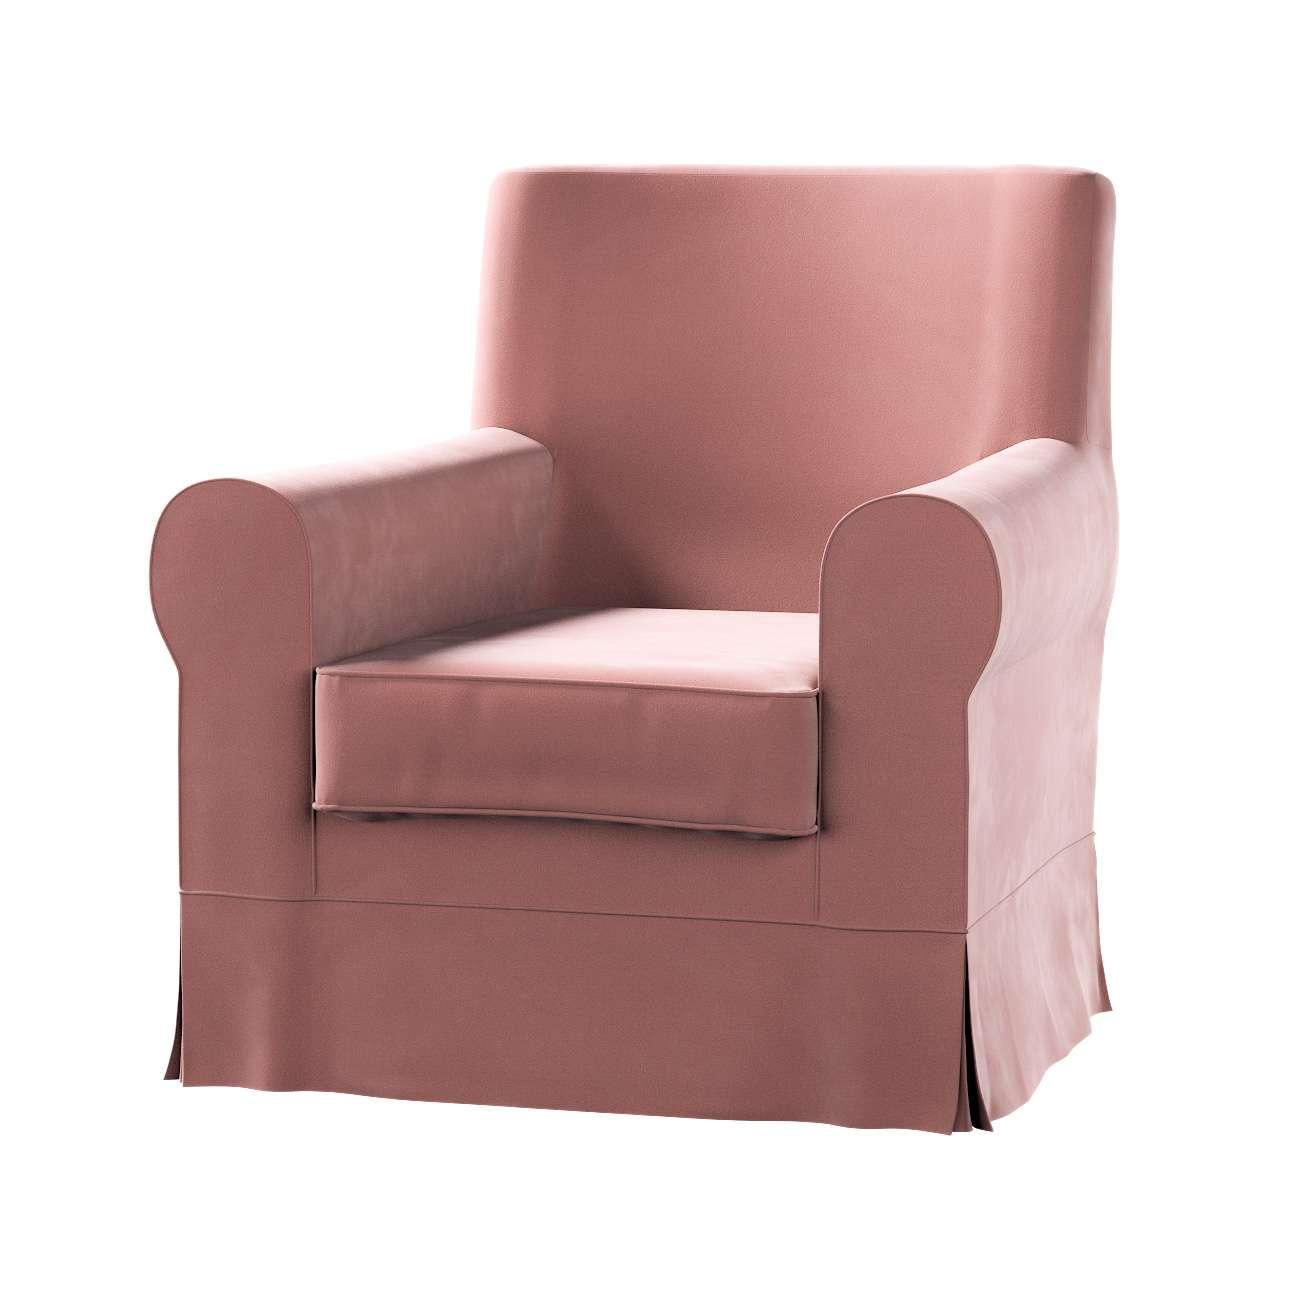 Pokrowiec na fotel Ektorp Jennylund w kolekcji Velvet, tkanina: 704-30